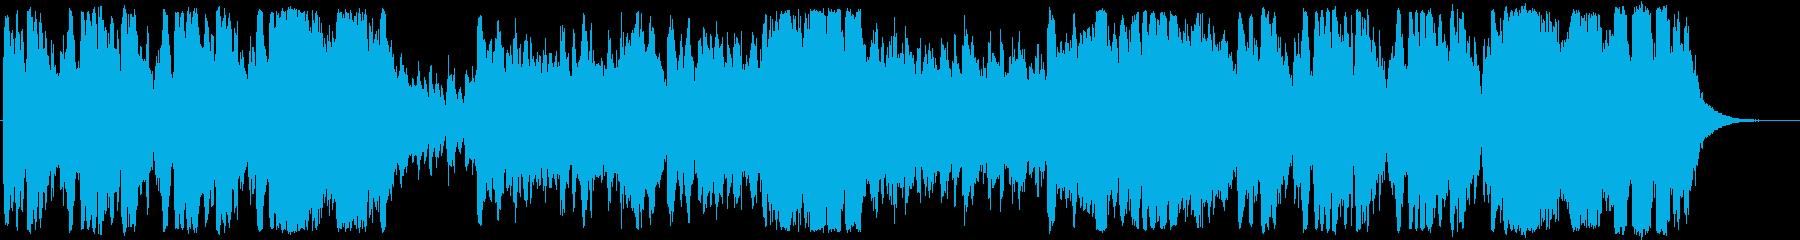 オーケストラ・アドベンチャー1の再生済みの波形